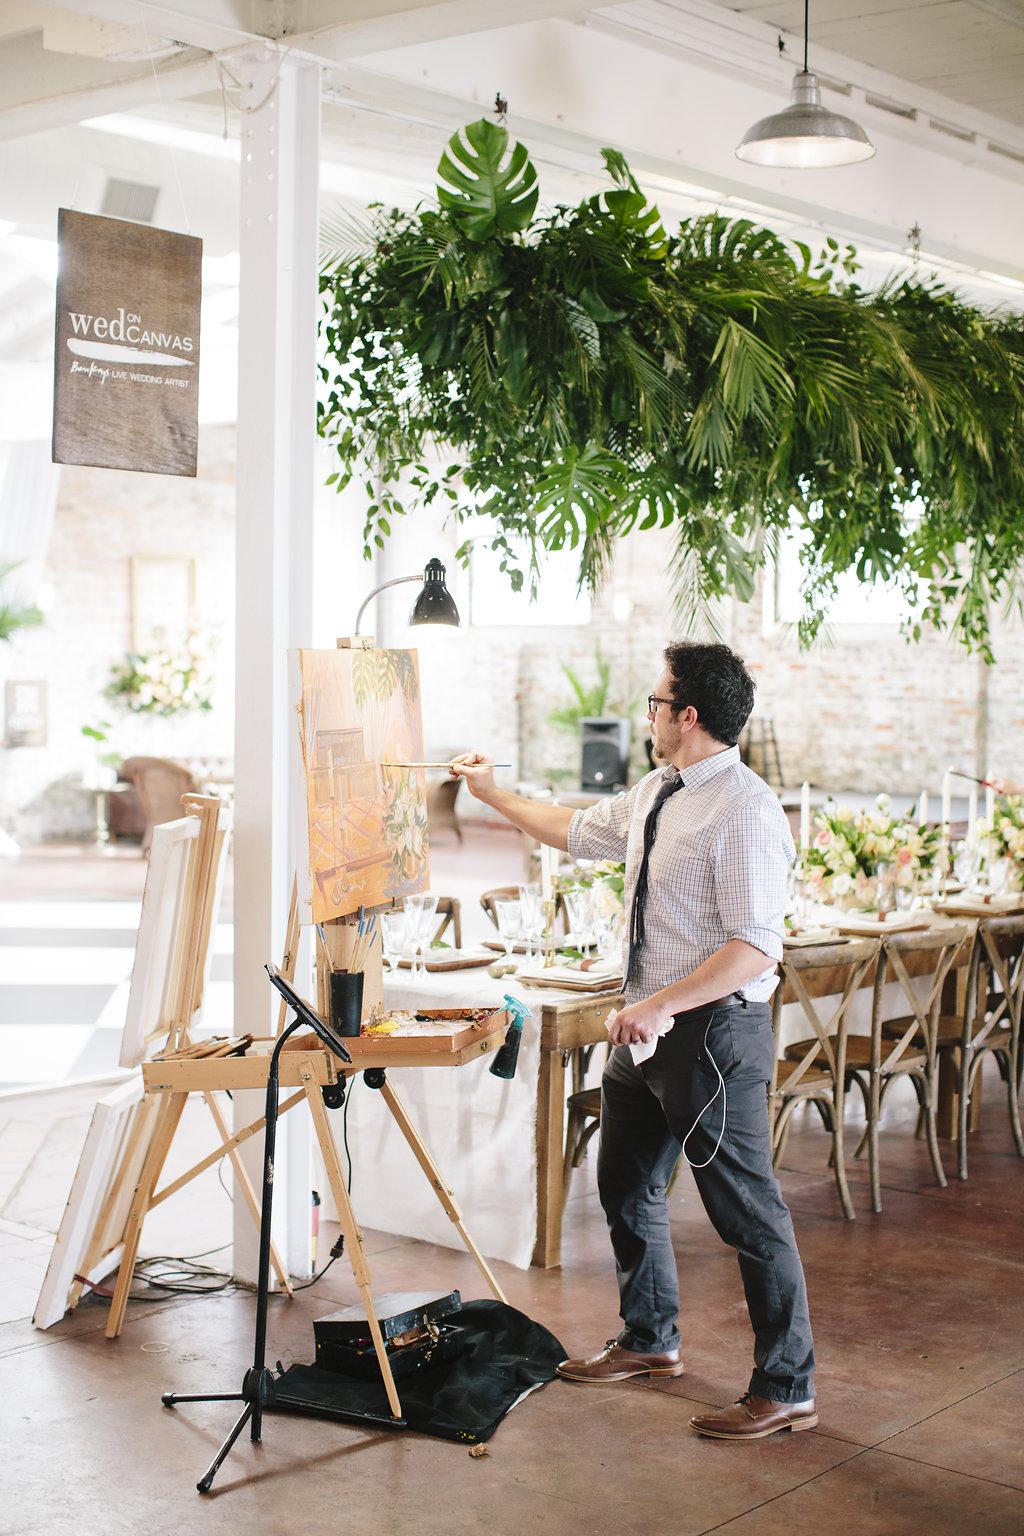 live-wedding-painter-wilmington-courtyard-and-cobblestones-ben-keys